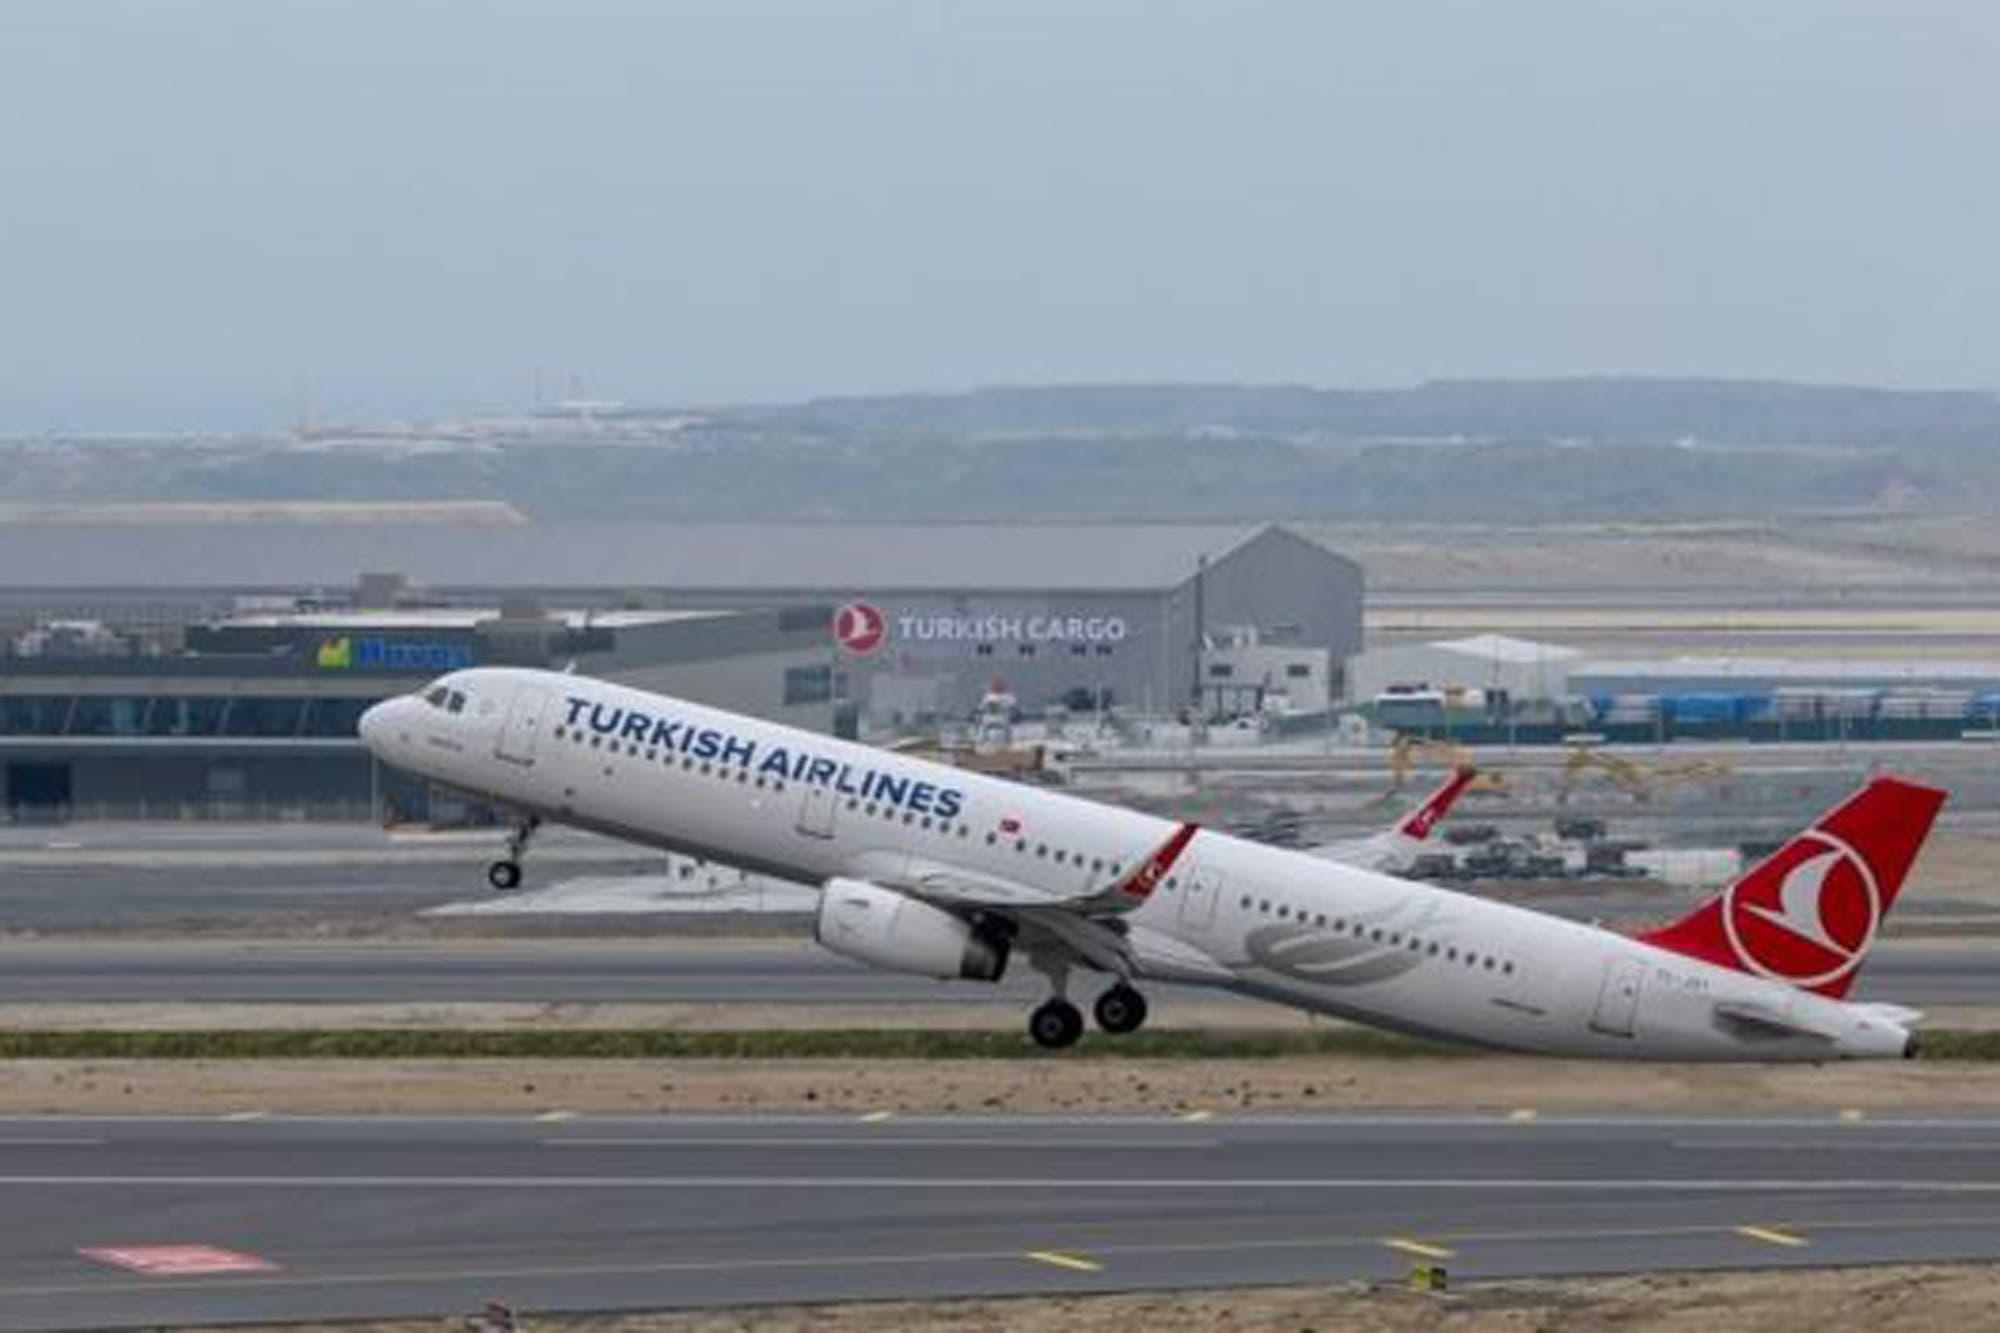 ¿Por qué las aerolíneas hacen que los vuelos duren más tiempo a propósito?